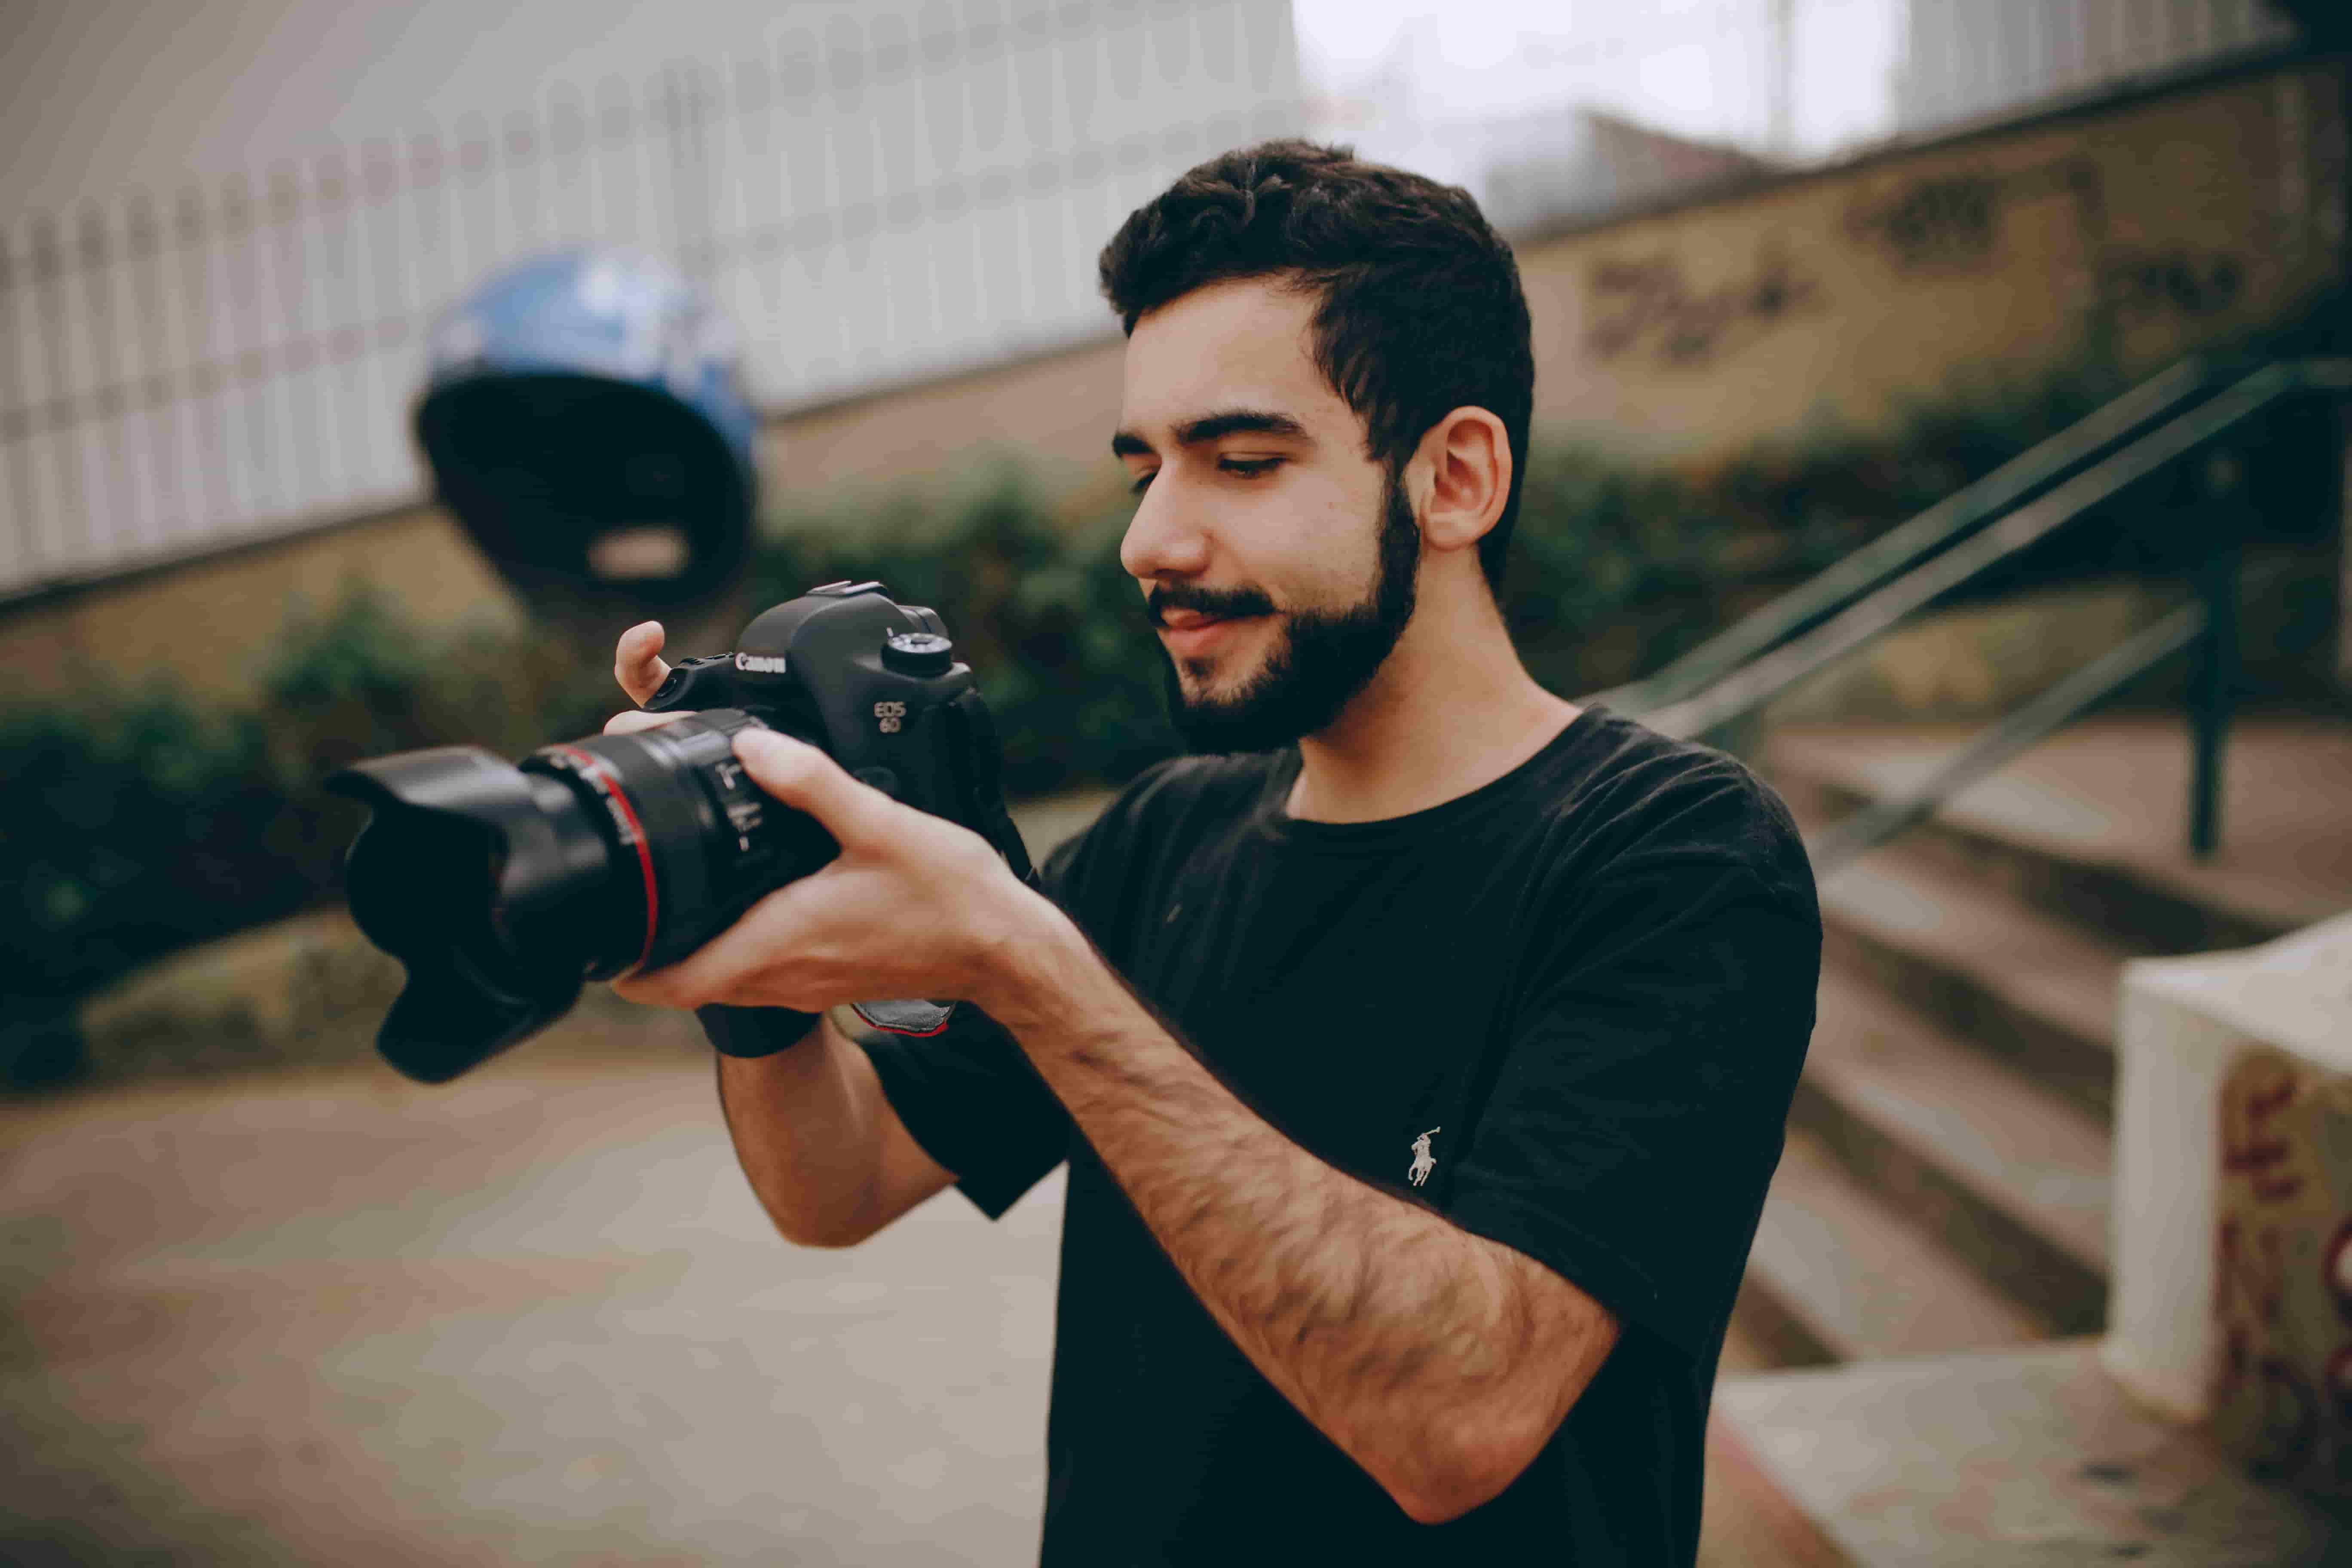 A photographer checks the screen of their Canon DSLR camera.